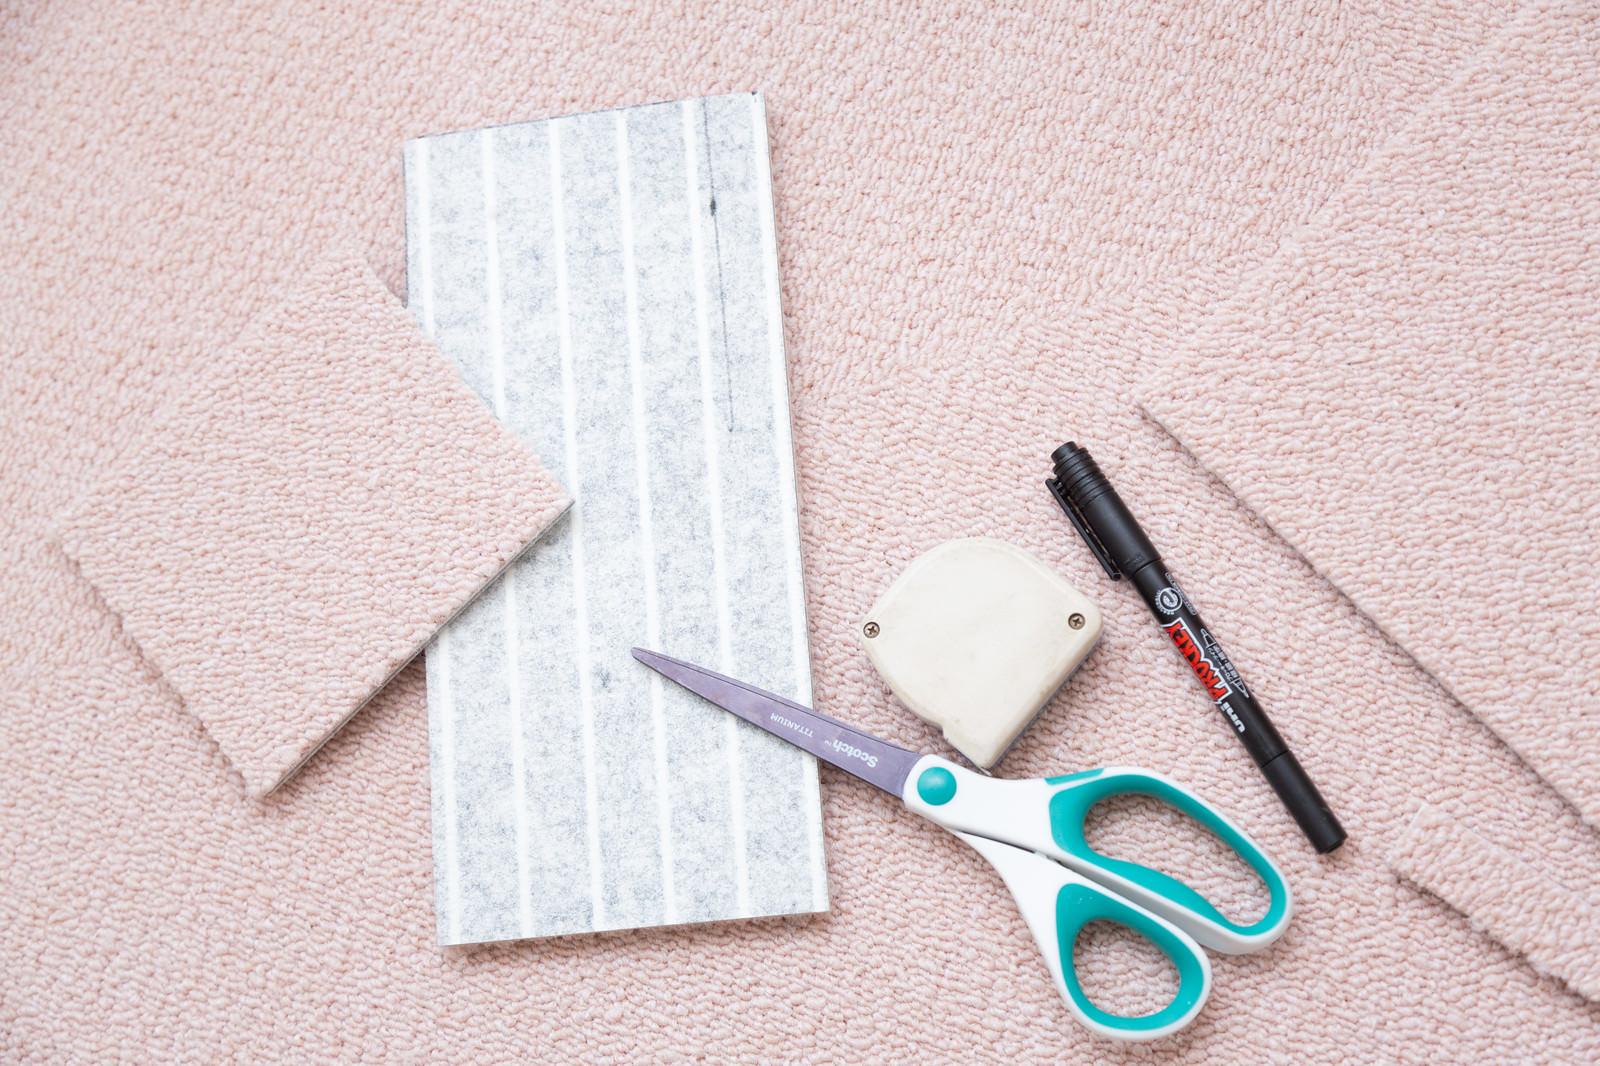 「タイルカーペットをカット | 写真の無料素材・フリー素材 - ぱくたそ」の写真